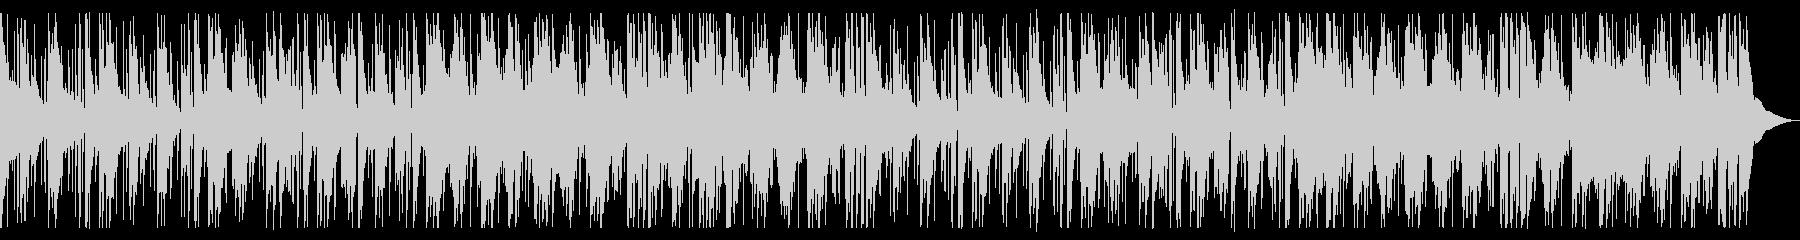 アコギ生演奏。ほのぼのお昼寝BGM。の未再生の波形